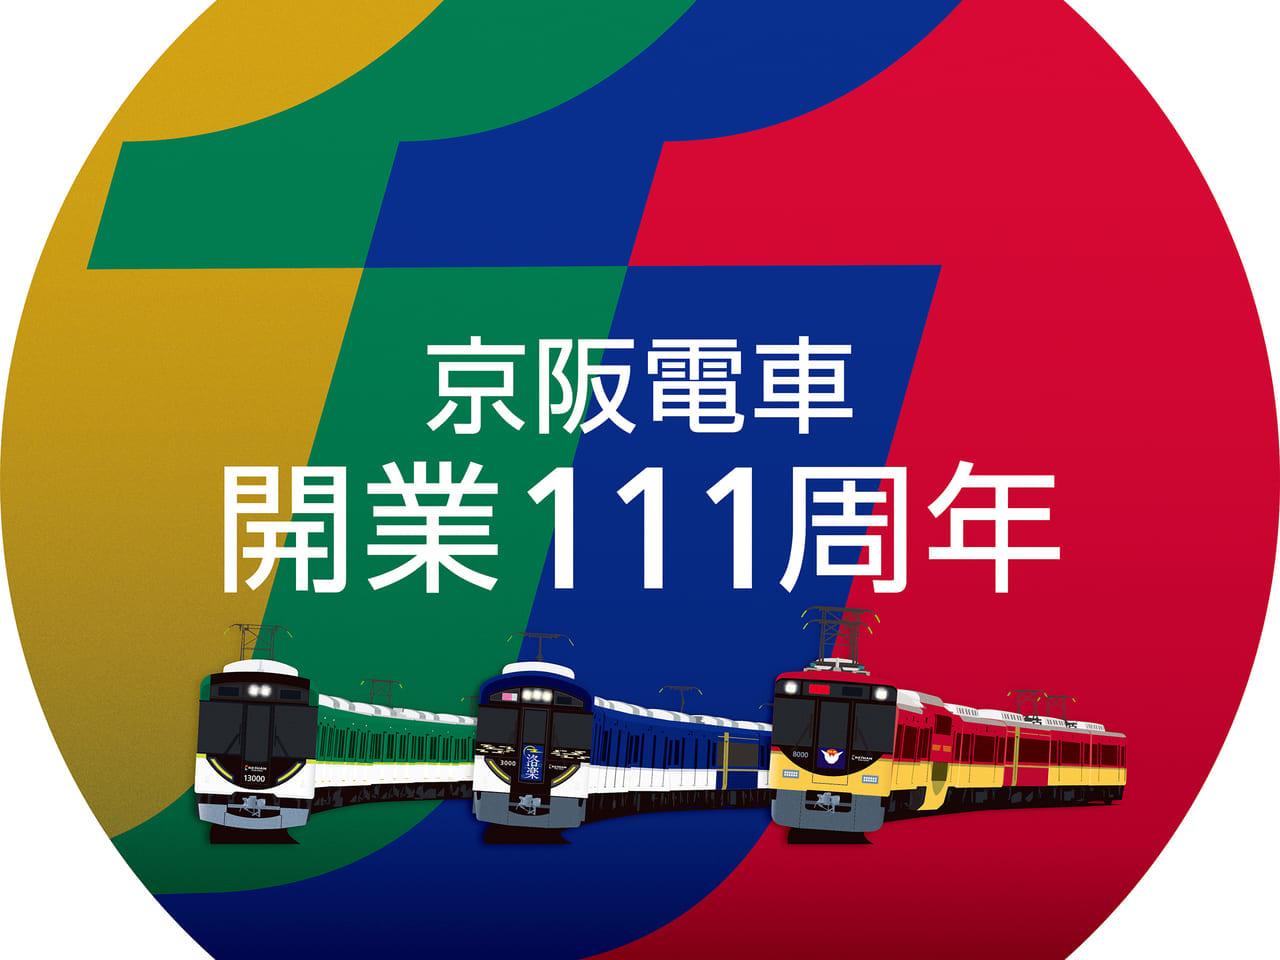 京阪電車開業111周年記念イベント